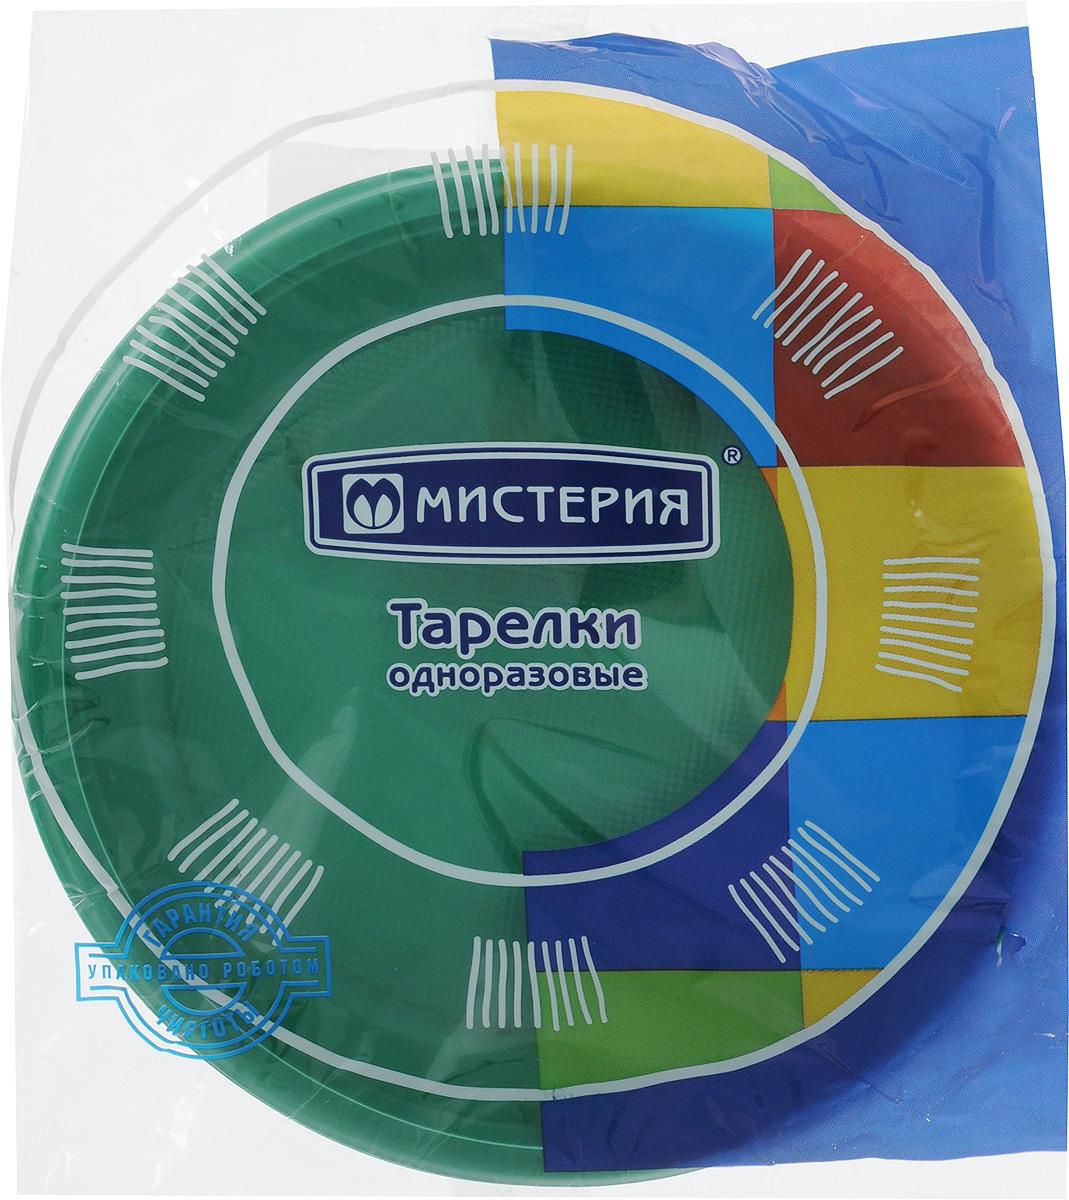 Набор одноразовых десертных тарелок Мистерия, цвет: зеленый, диаметр 17 см, 12 шт183590Набор Мистерия состоит из 12 круглых десертных тарелок, выполненных из полистирола и предназначенных для одноразового использования. Подходят для холодных и горячих пищевых продуктов.Одноразовые тарелки будут незаменимы при поездках на природу, пикниках и других мероприятиях. Они не займут много места, легки и самое главное - после использования их не надо мыть.Диаметр тарелки: 17 см.Высота тарелки: 1,5 см.